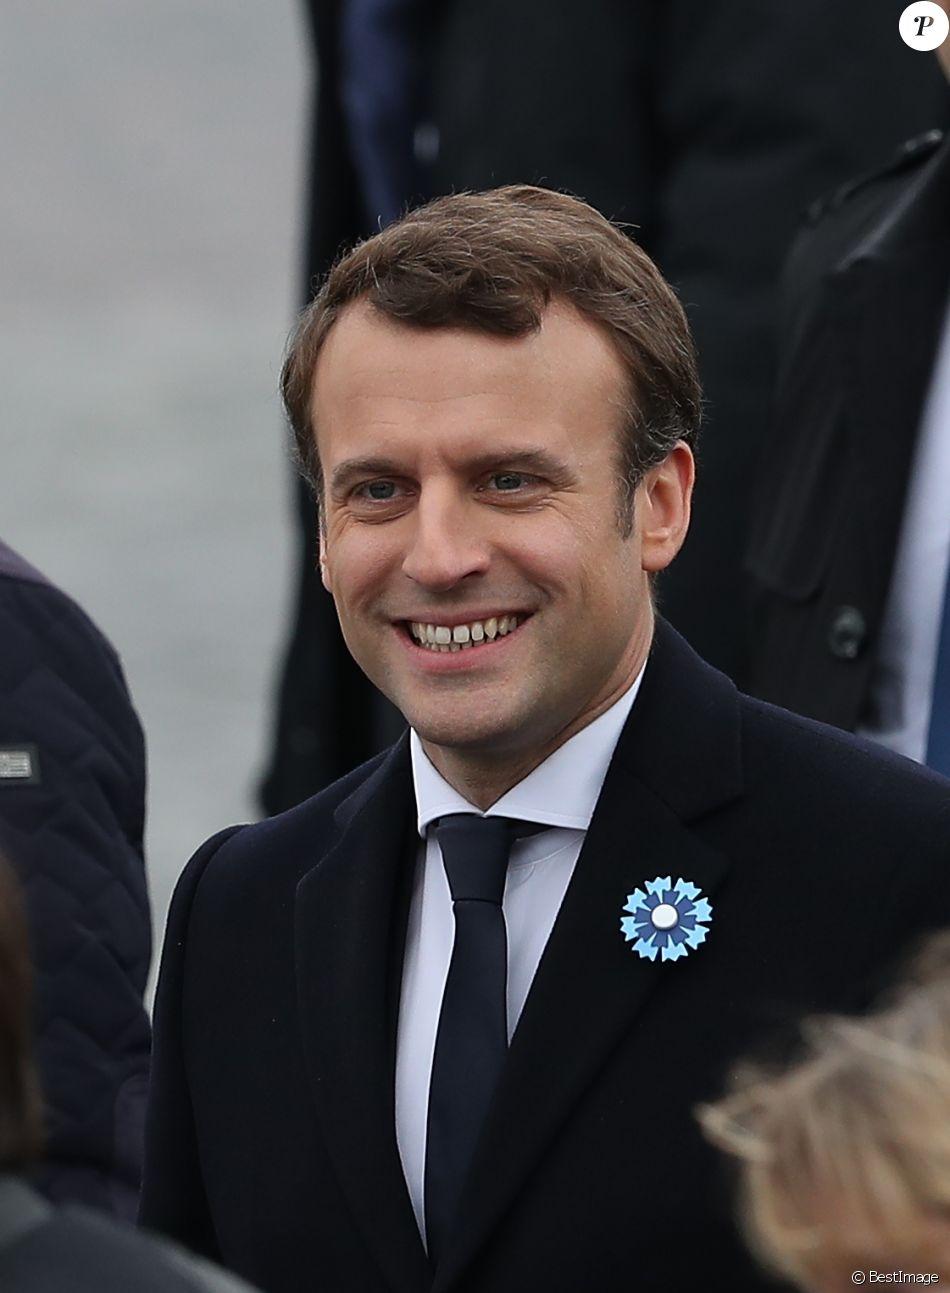 Le président-élu, Emmanuel Macron - Cérémonie de commémoration du 72ème anniversaire de la victoire du 8 mai 1945 devant la tombe du Soldat Inconnu à l'Arc de Triomphe à Paris le 8 mai 2017. © Cyril Moreau/Bestimage